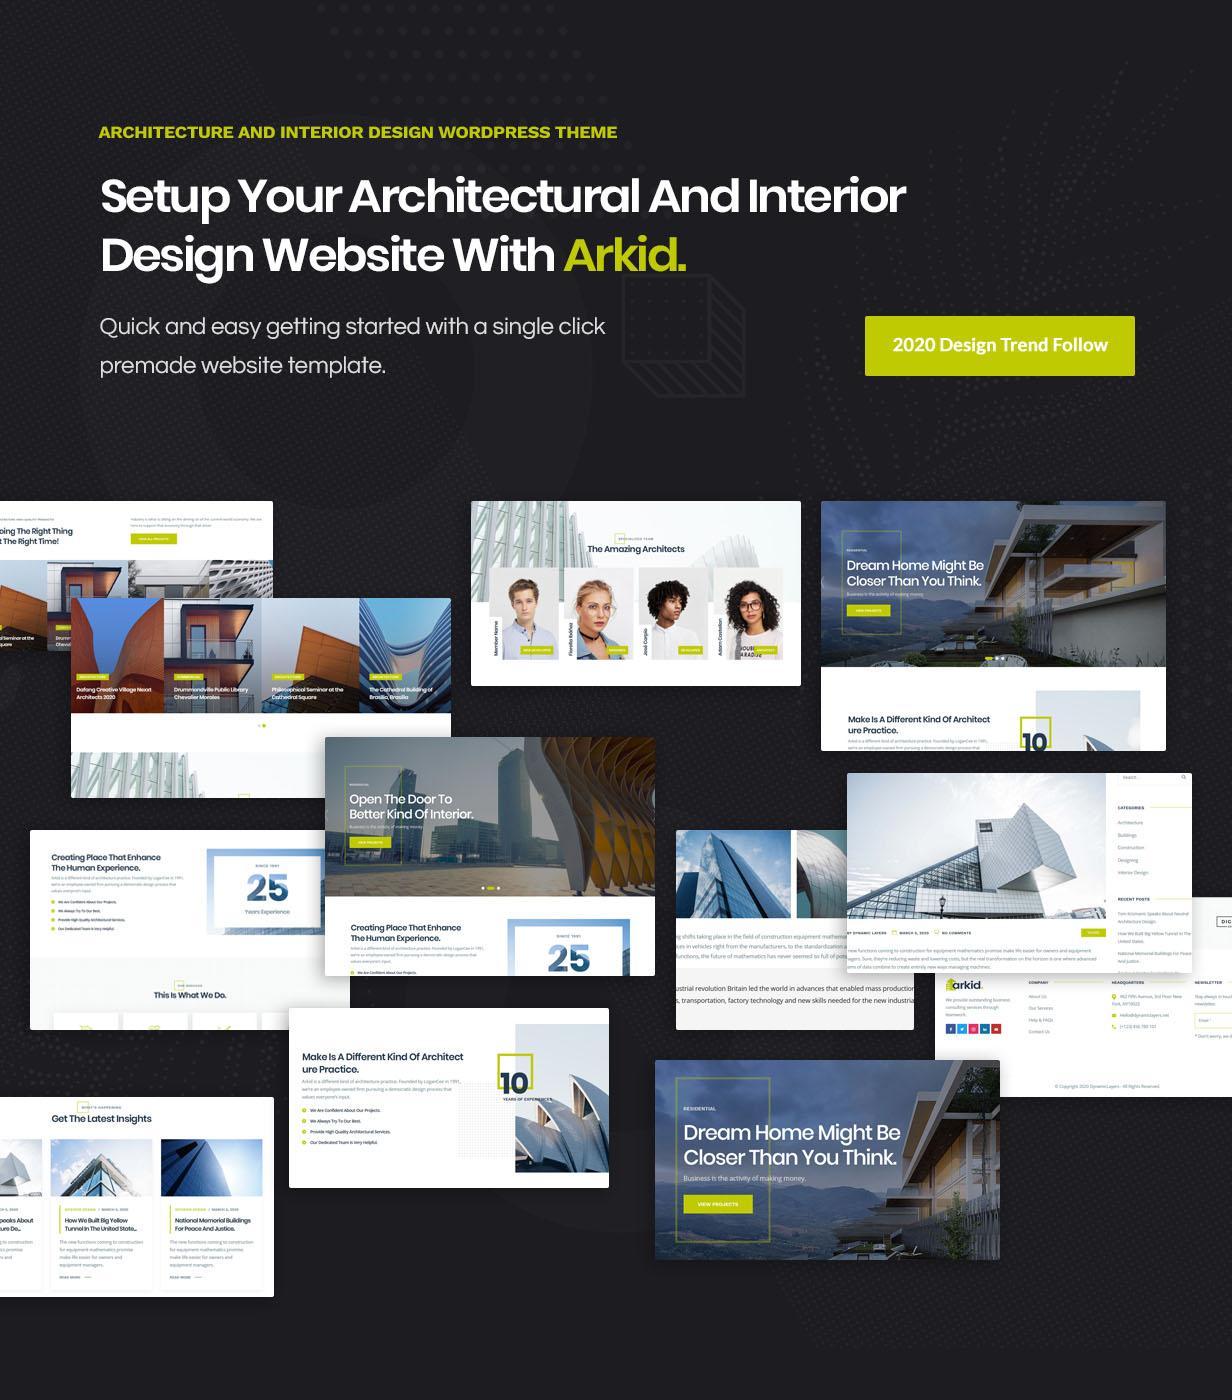 Arkid - architecture & interior design WordPress theme